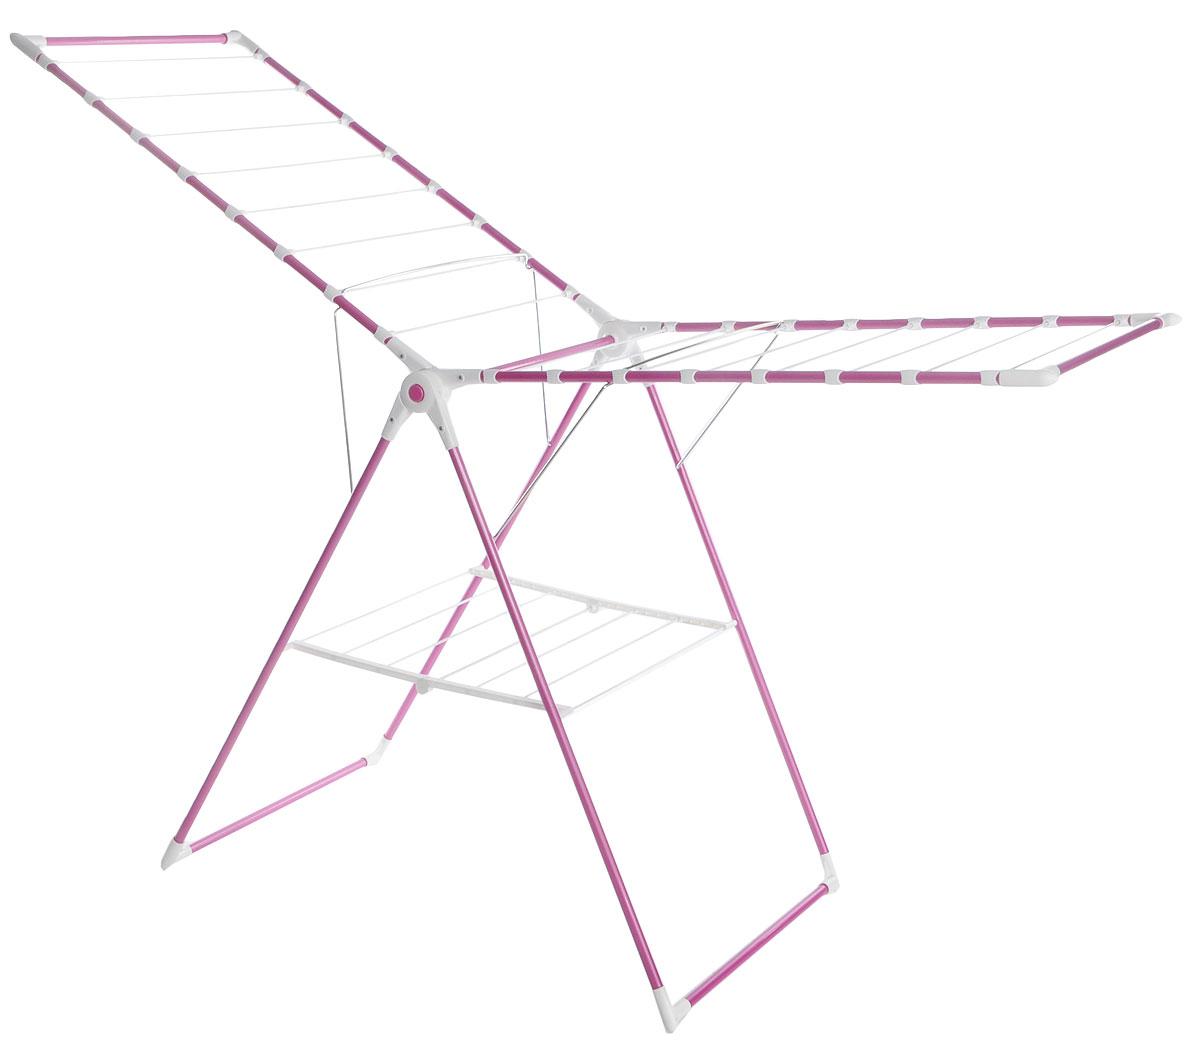 Сушилка для белья Perilla  Мега Колор/Mega Color , напольная, цвет: розовый, 17,5 м - Сушилки для белья